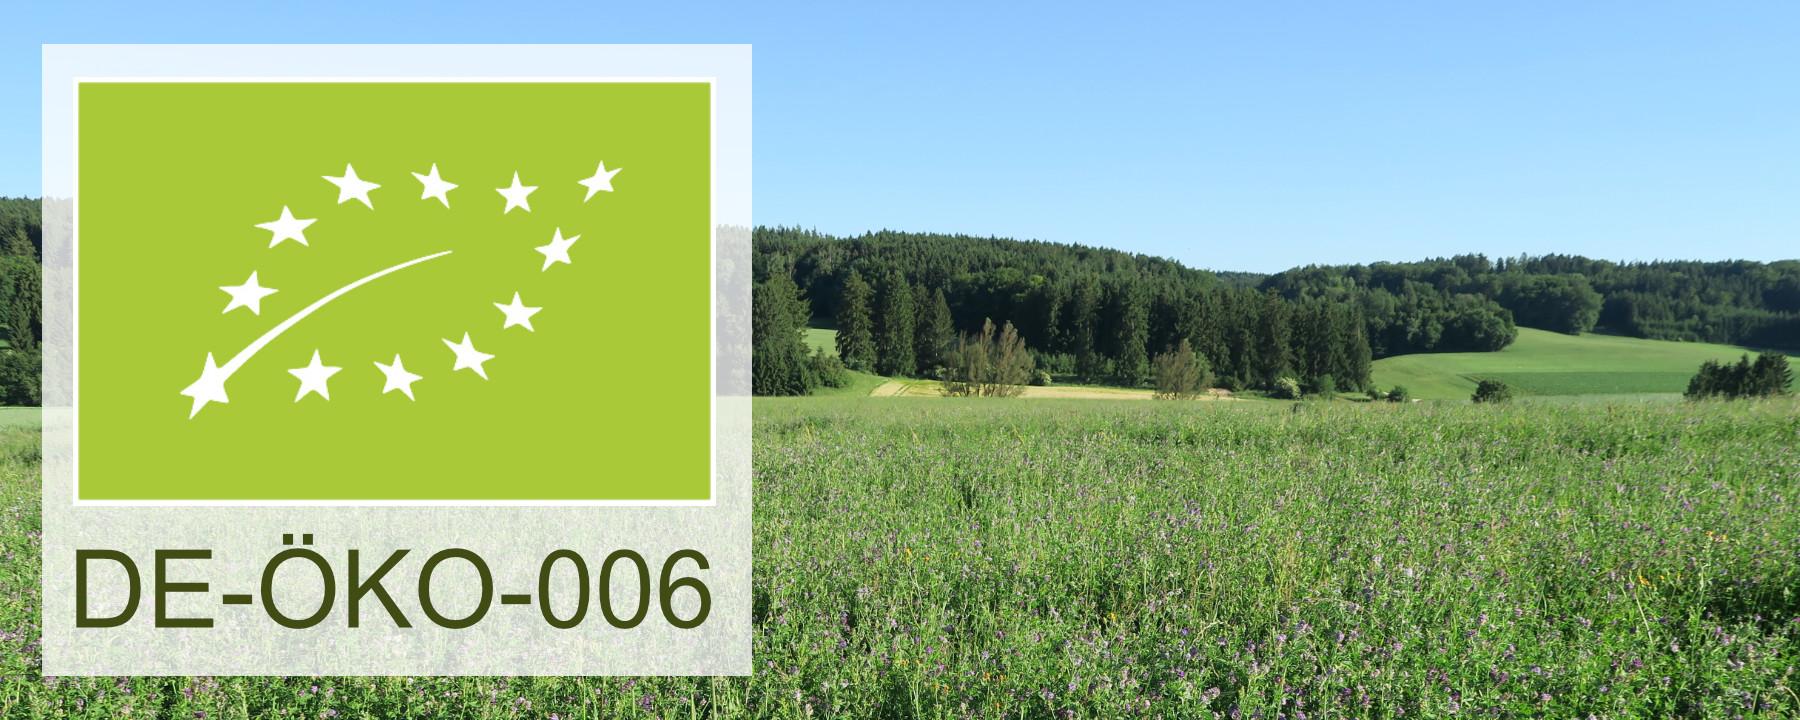 Wir sind Bio zertifiziert nach DE-ÖKO-006 / EG-Öko-Verordnung